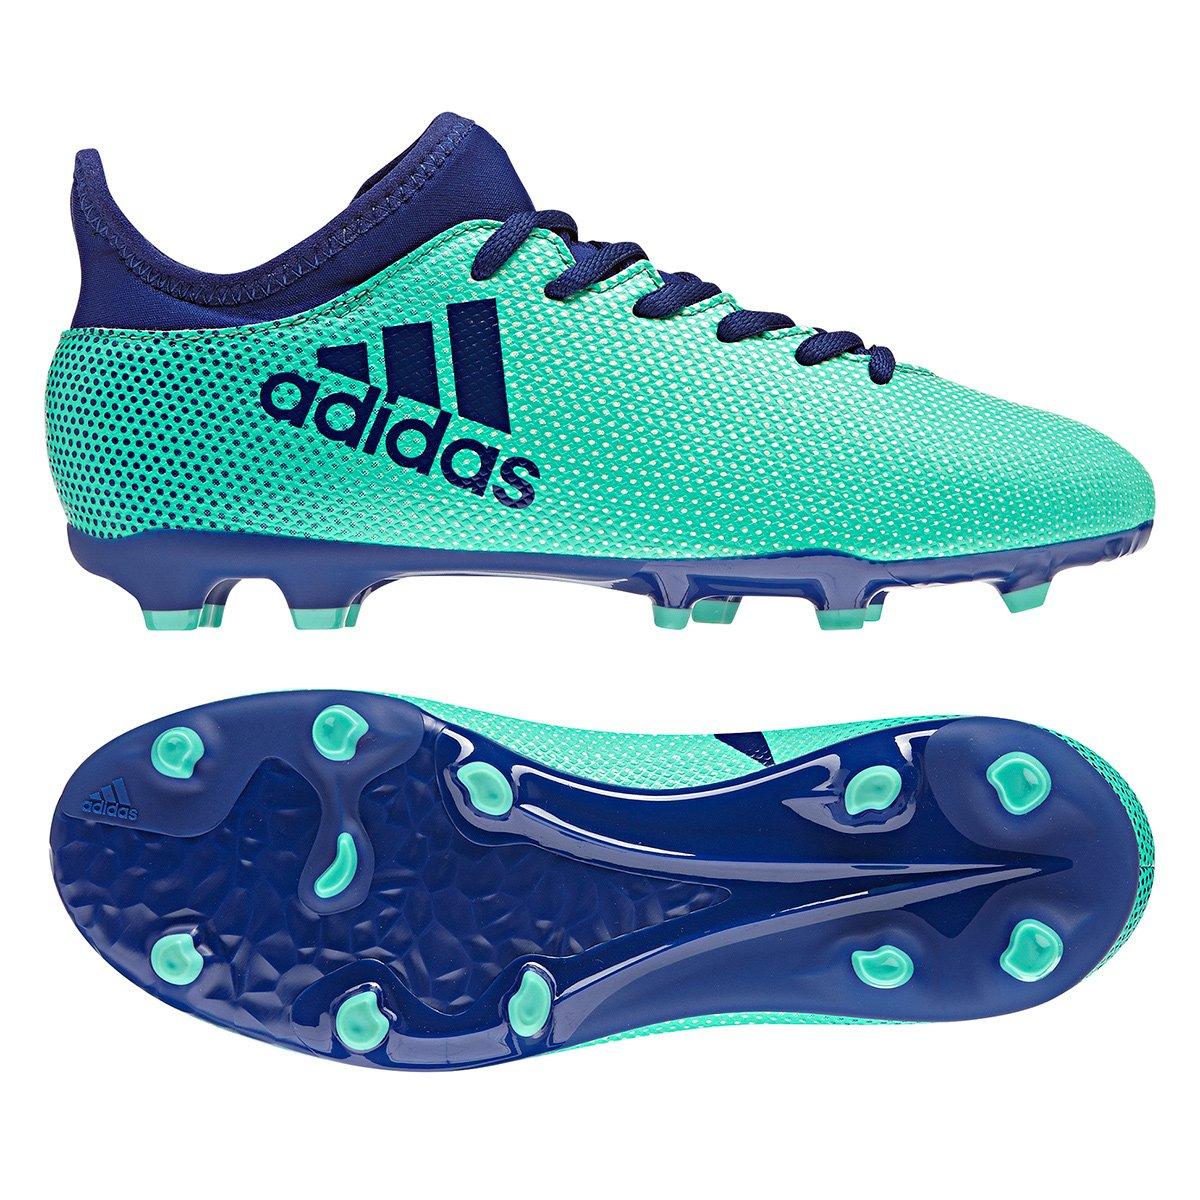 Chuteira Campo Infantil Adidas X 17.3 FXG - Compre Agora  0e5c11503a02c